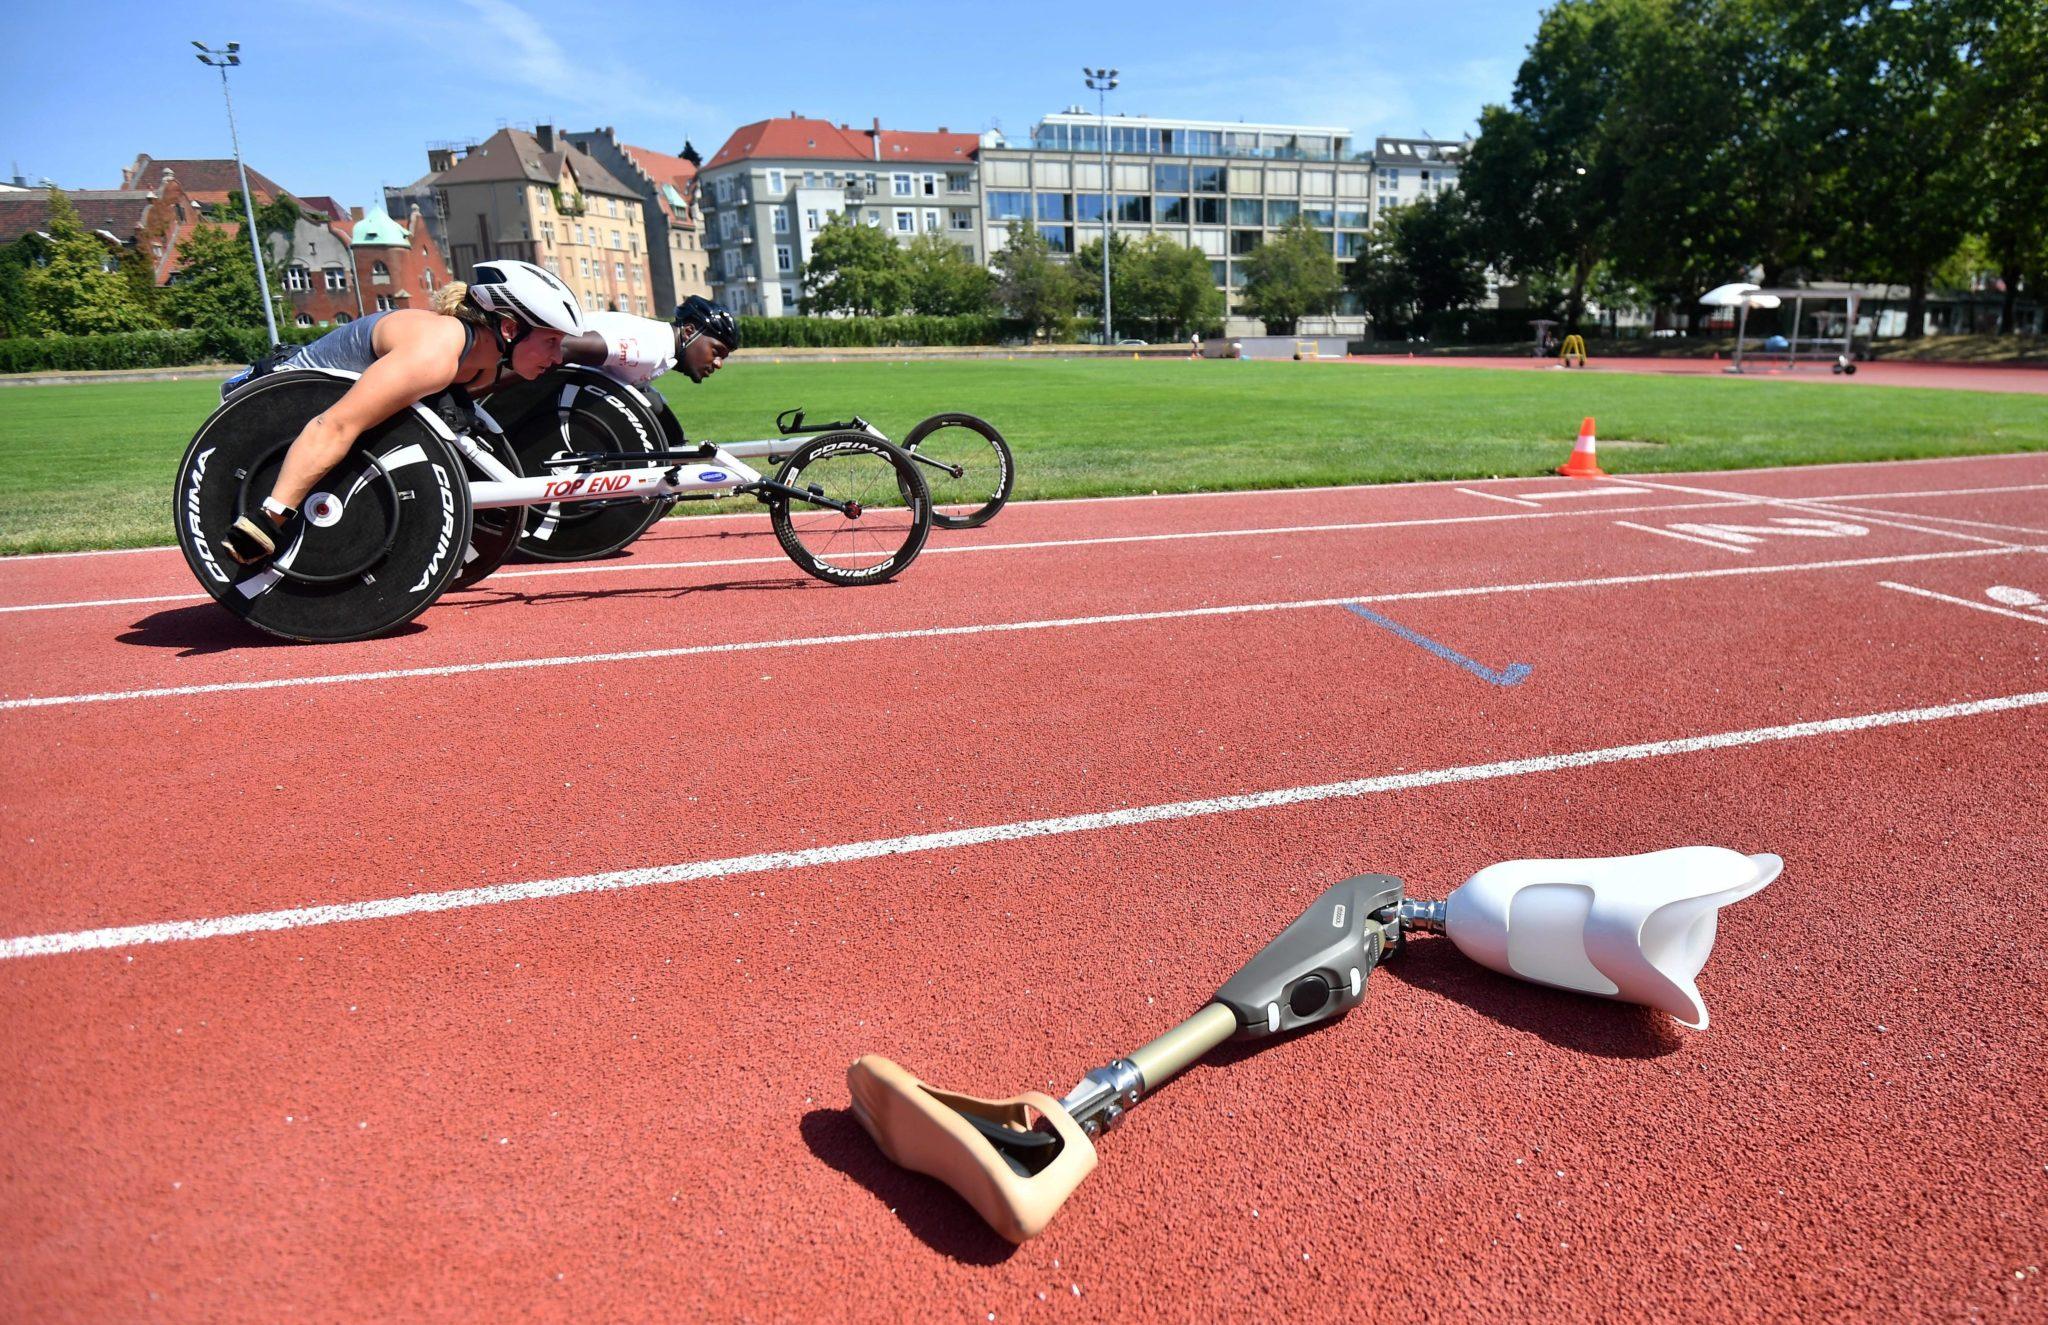 Mistrzostwami Europy w lekkiej atletyce osób niepełnosprawnych - World Para Athletics European Championships - Berlin 2018, fot. Bartłomiej Zborowski, PAP